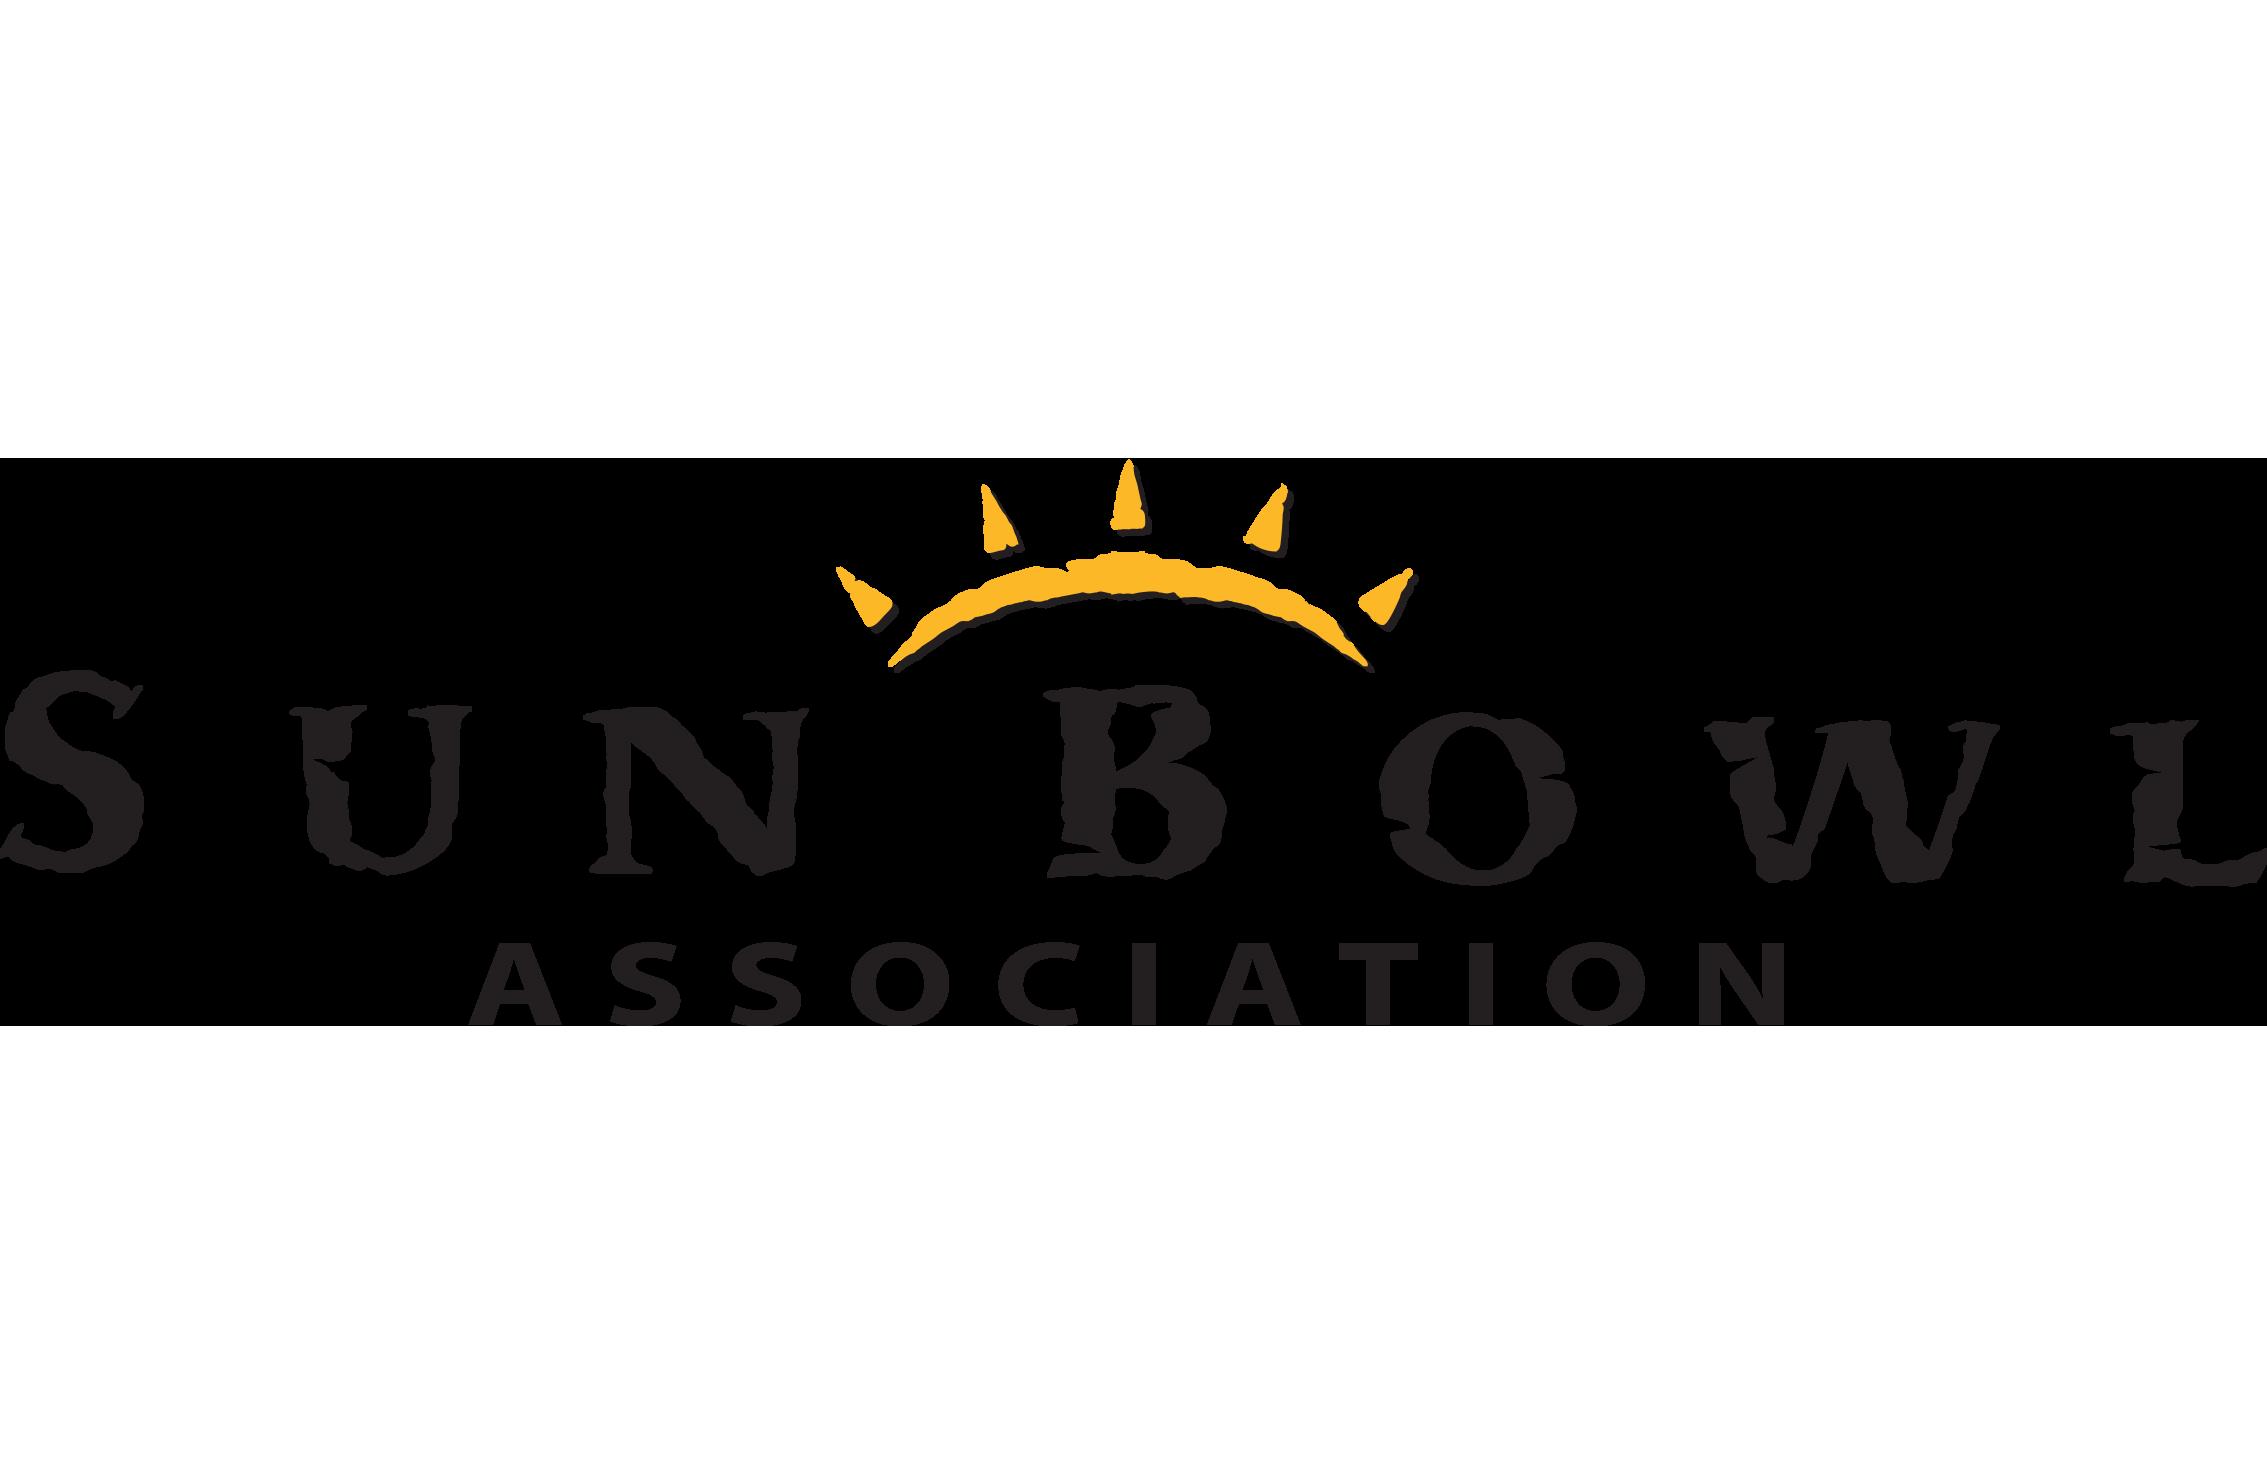 Sun bowl association logo.png